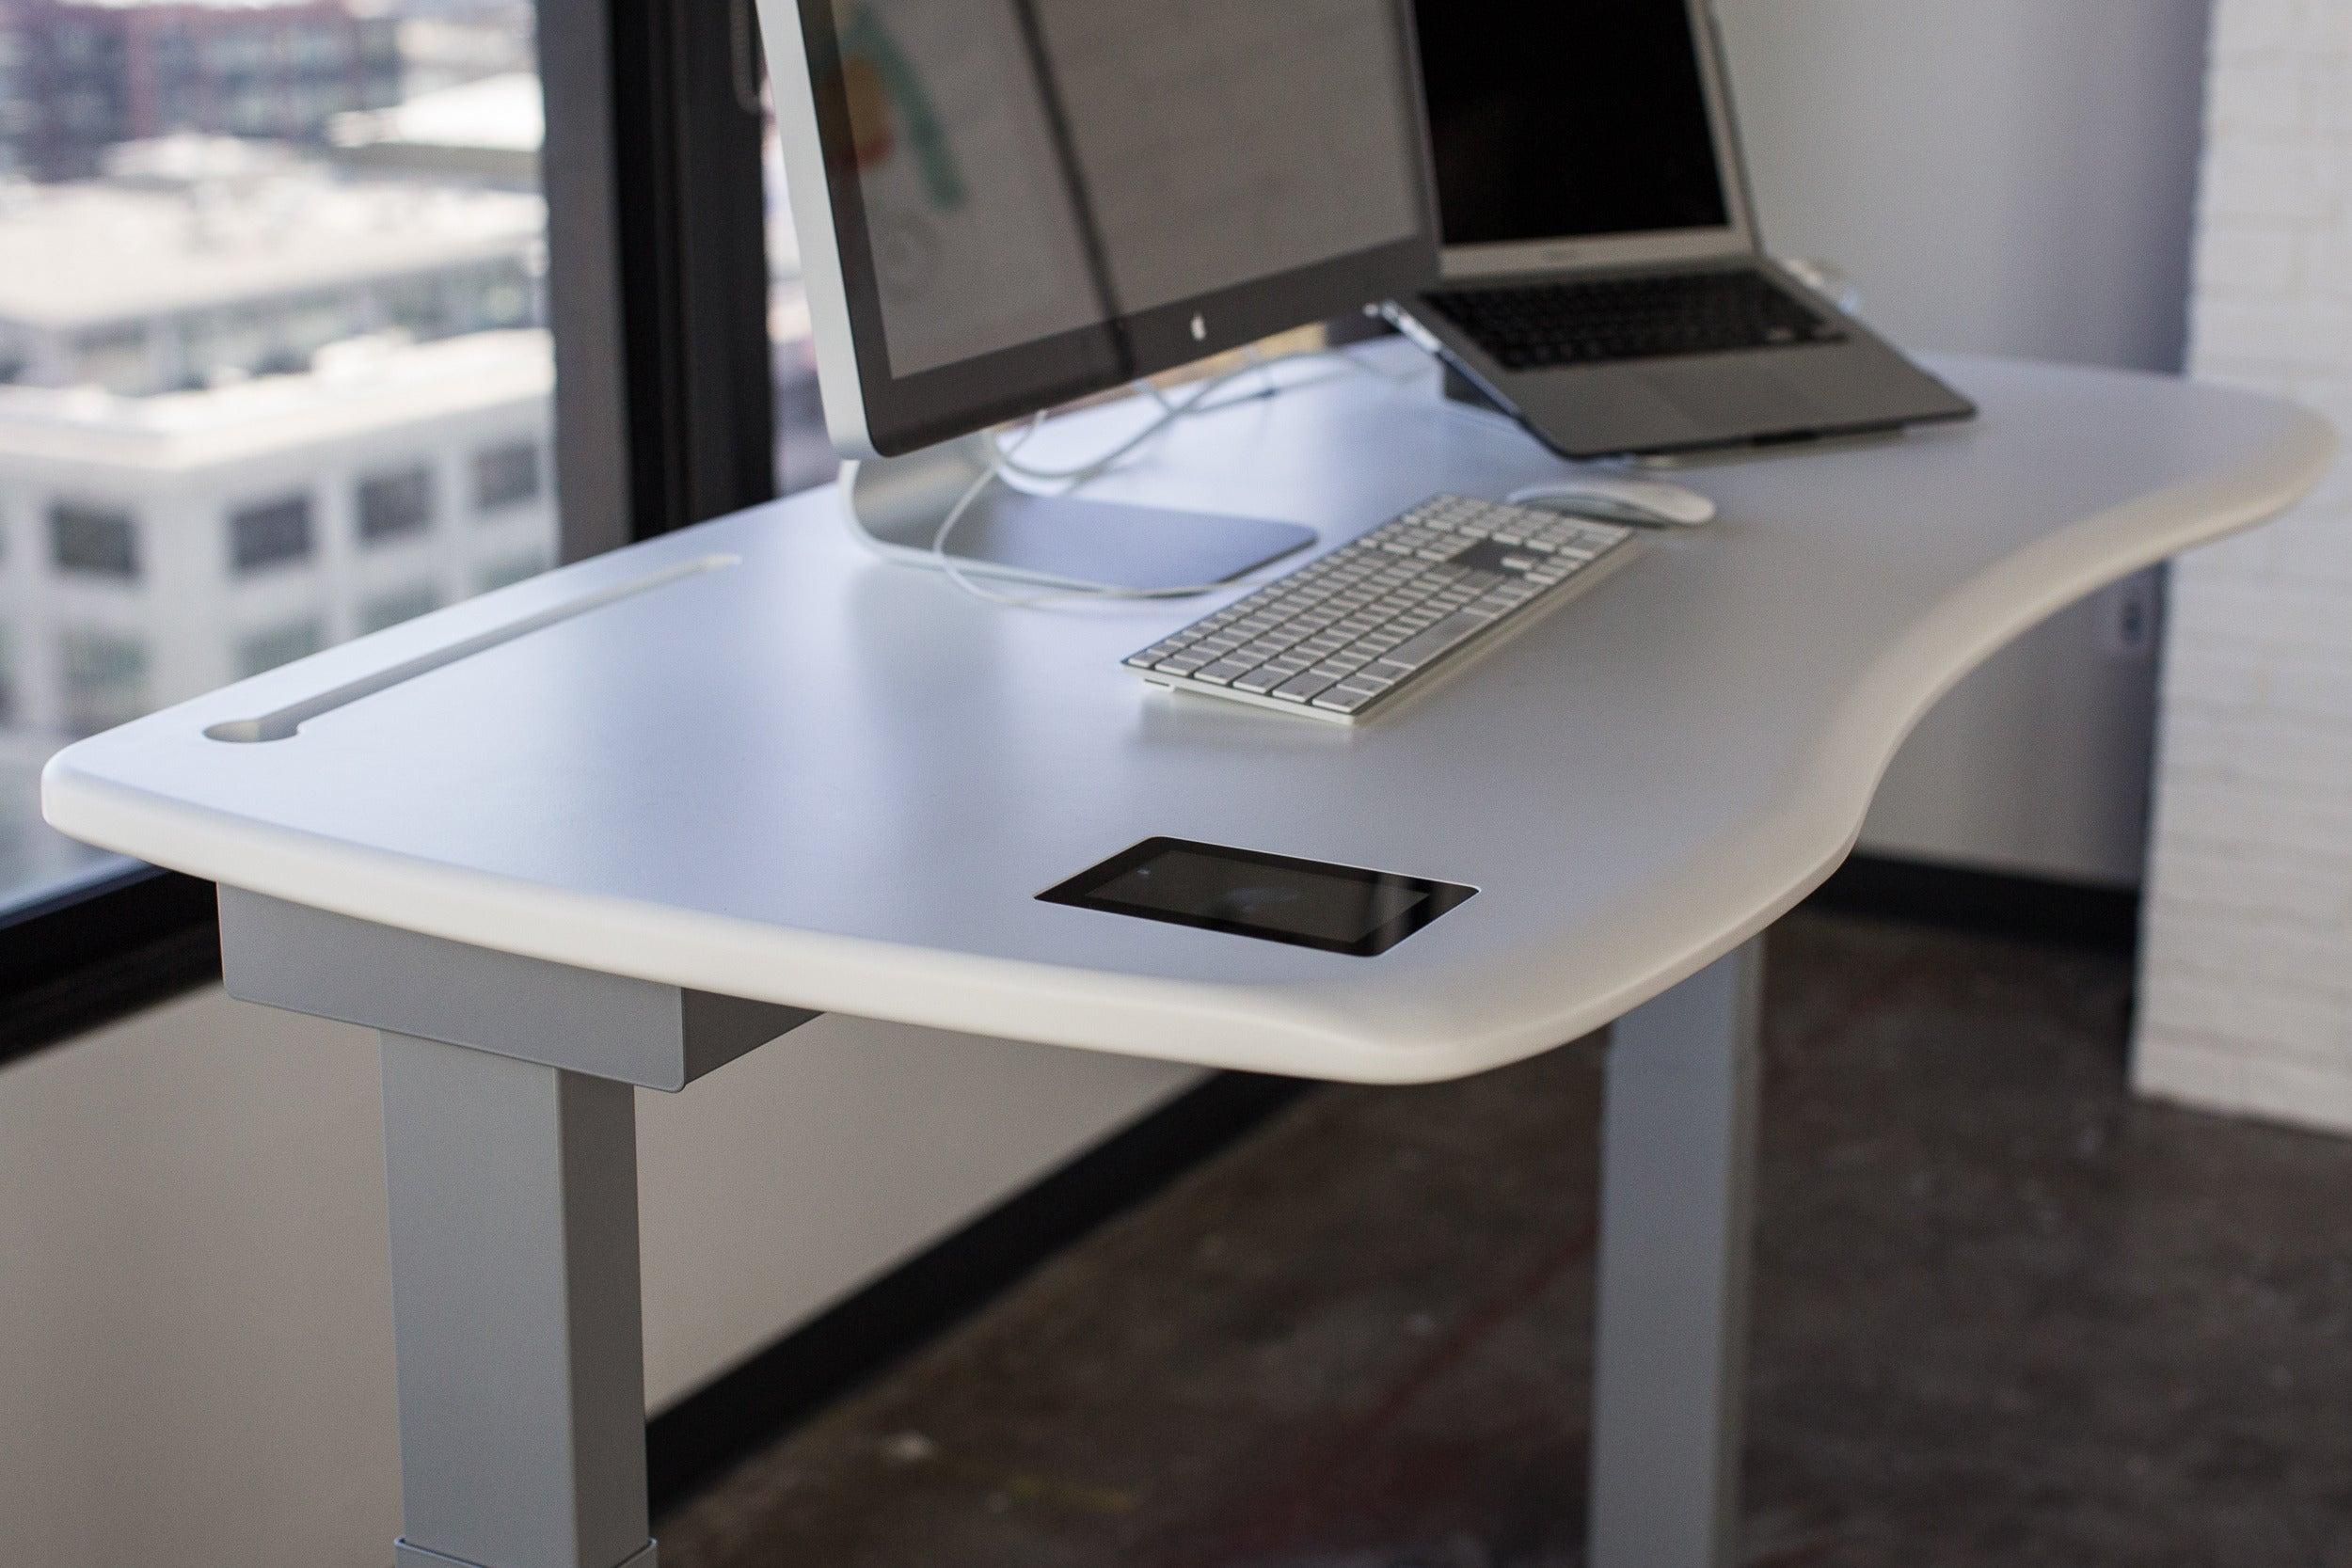 Superb Stir Kinetic Desk M1 Beauty Left Nice Design